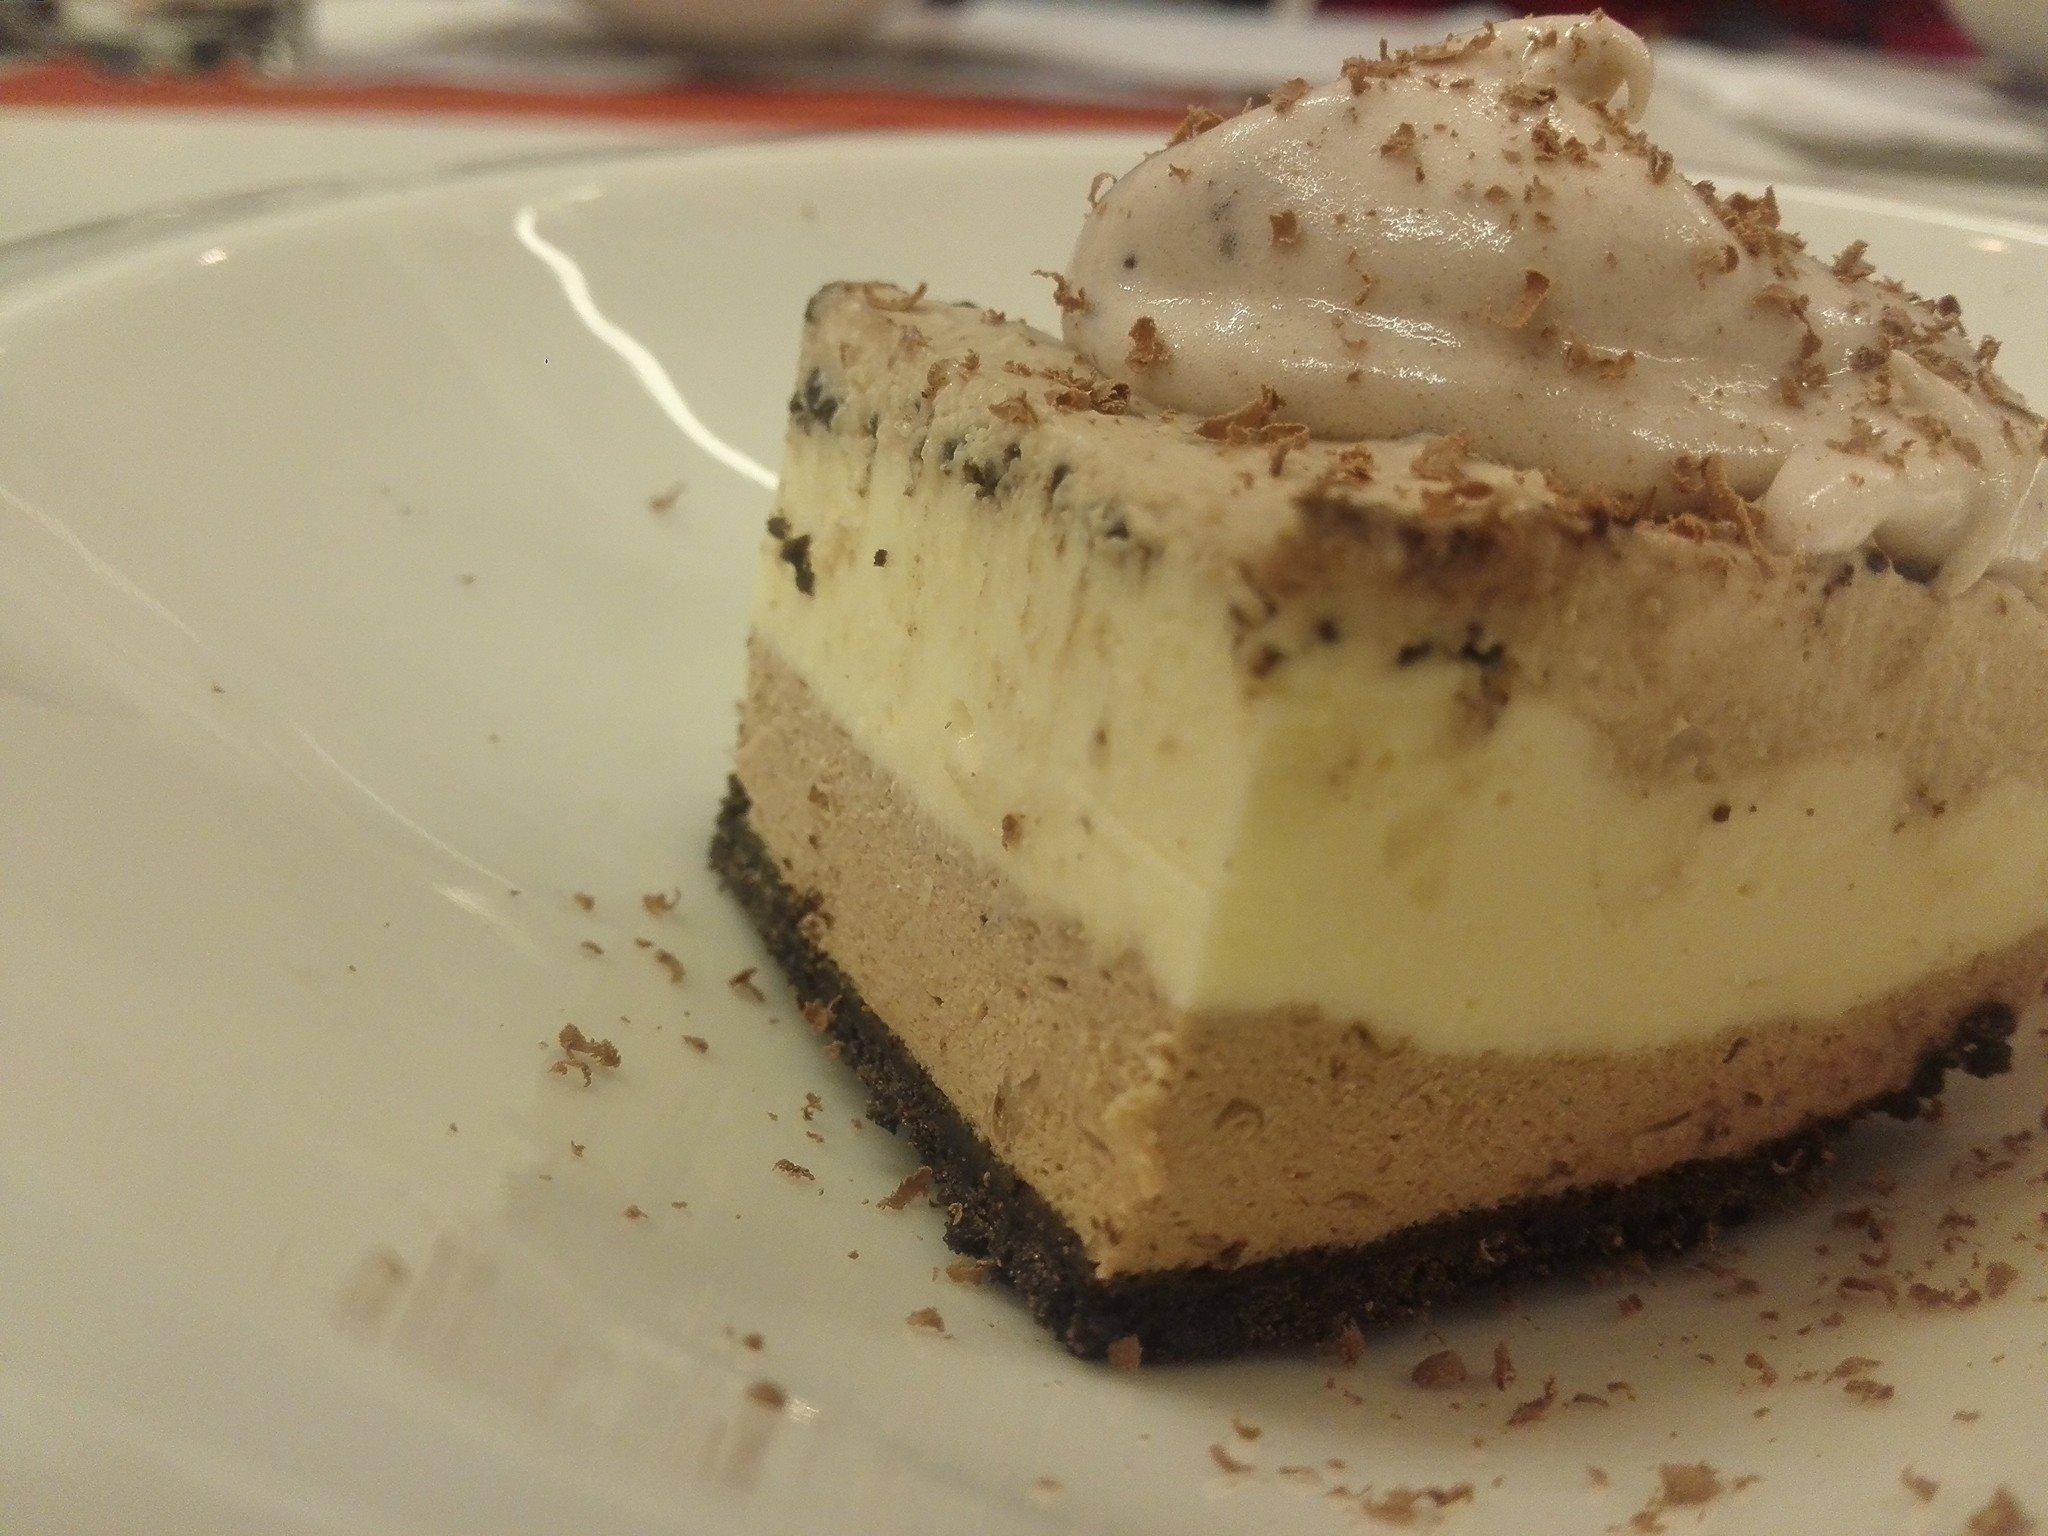 Receta de cheesecake con 3 chocolates